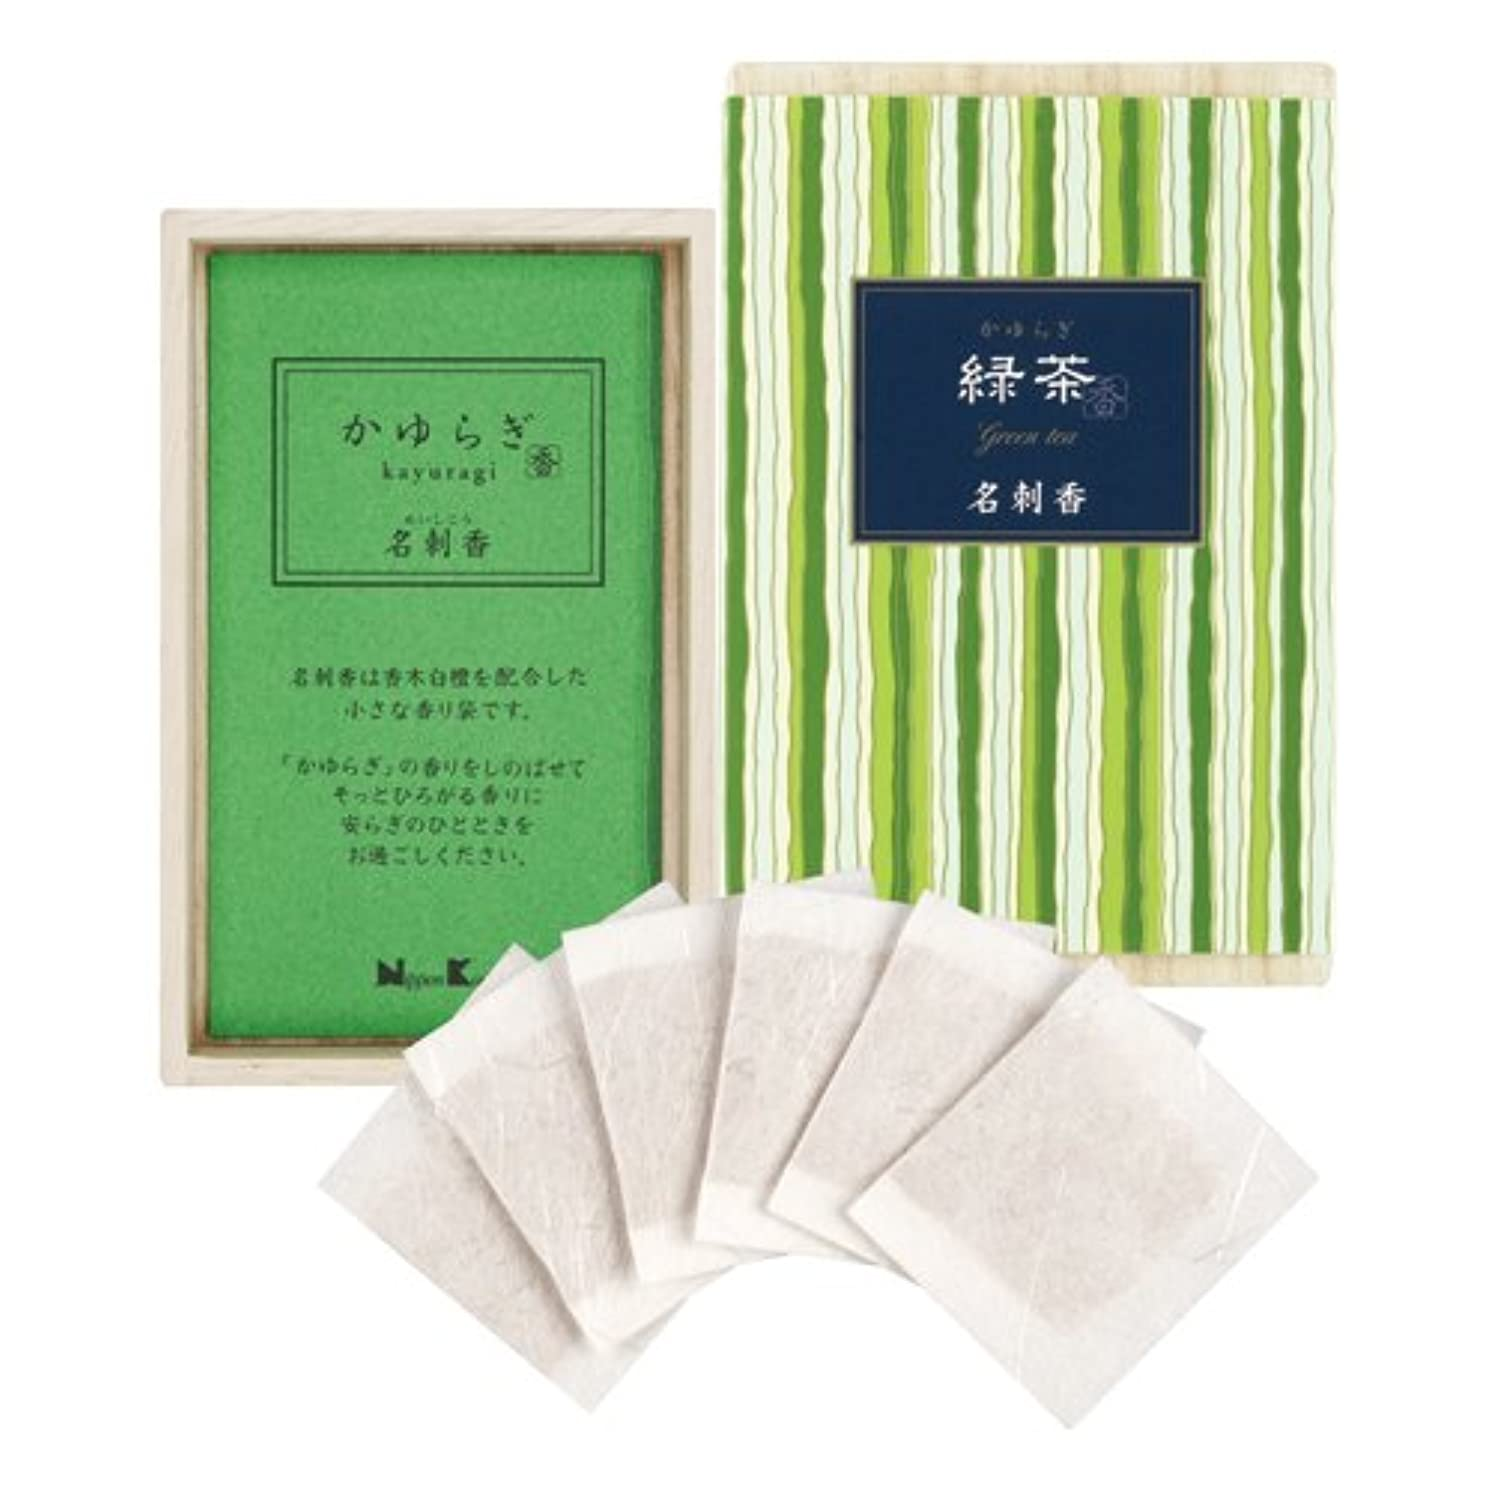 スチール疑いどこにでもかゆらぎ 緑茶 名刺香 桐箱 6入